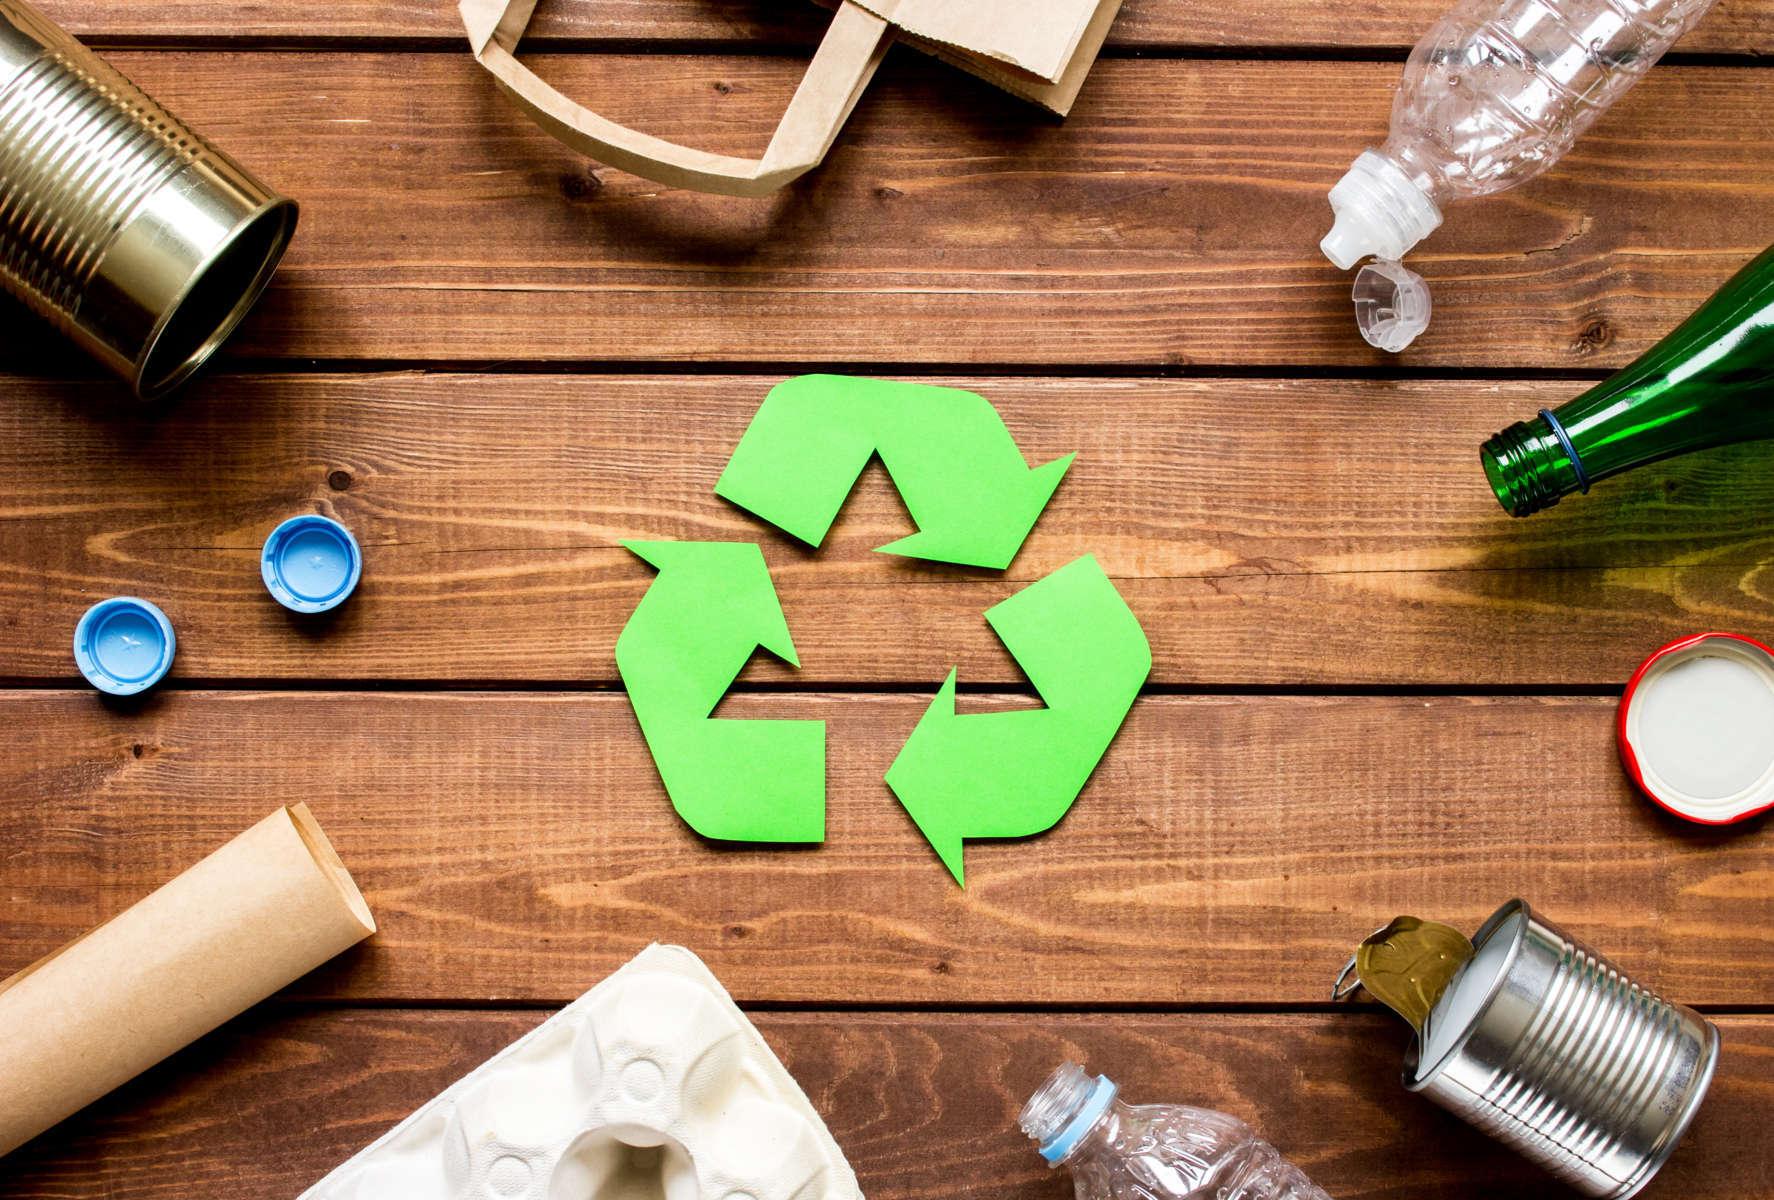 El packaging tiene mucho que decir en lo que respecta a la mejora del medio ambiente